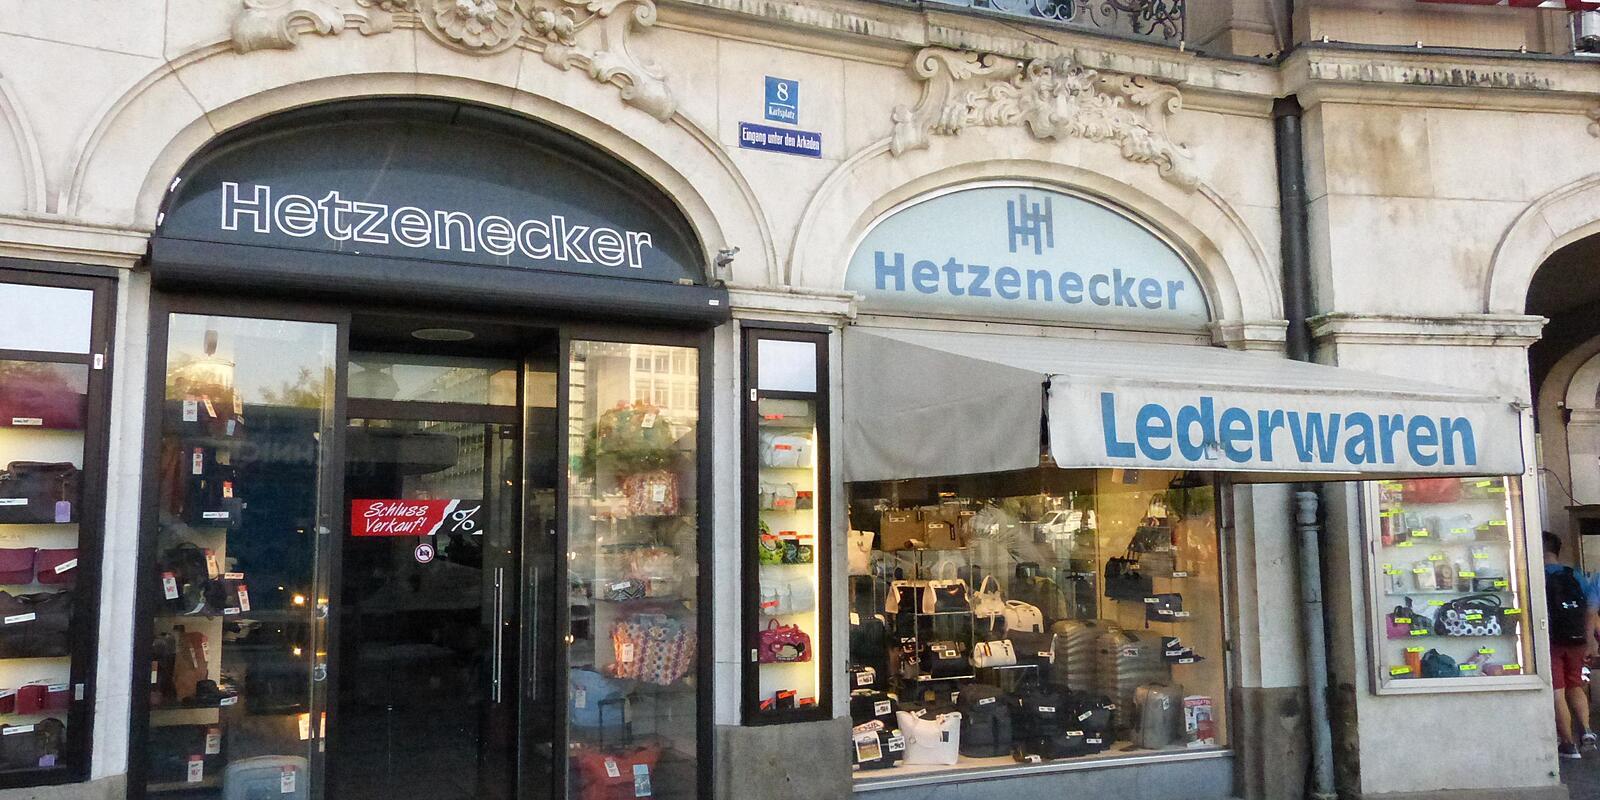 hetzenecker karlsplatz stachus altstadt m nchen hetzenecker karlsplatz stachus willkommen. Black Bedroom Furniture Sets. Home Design Ideas